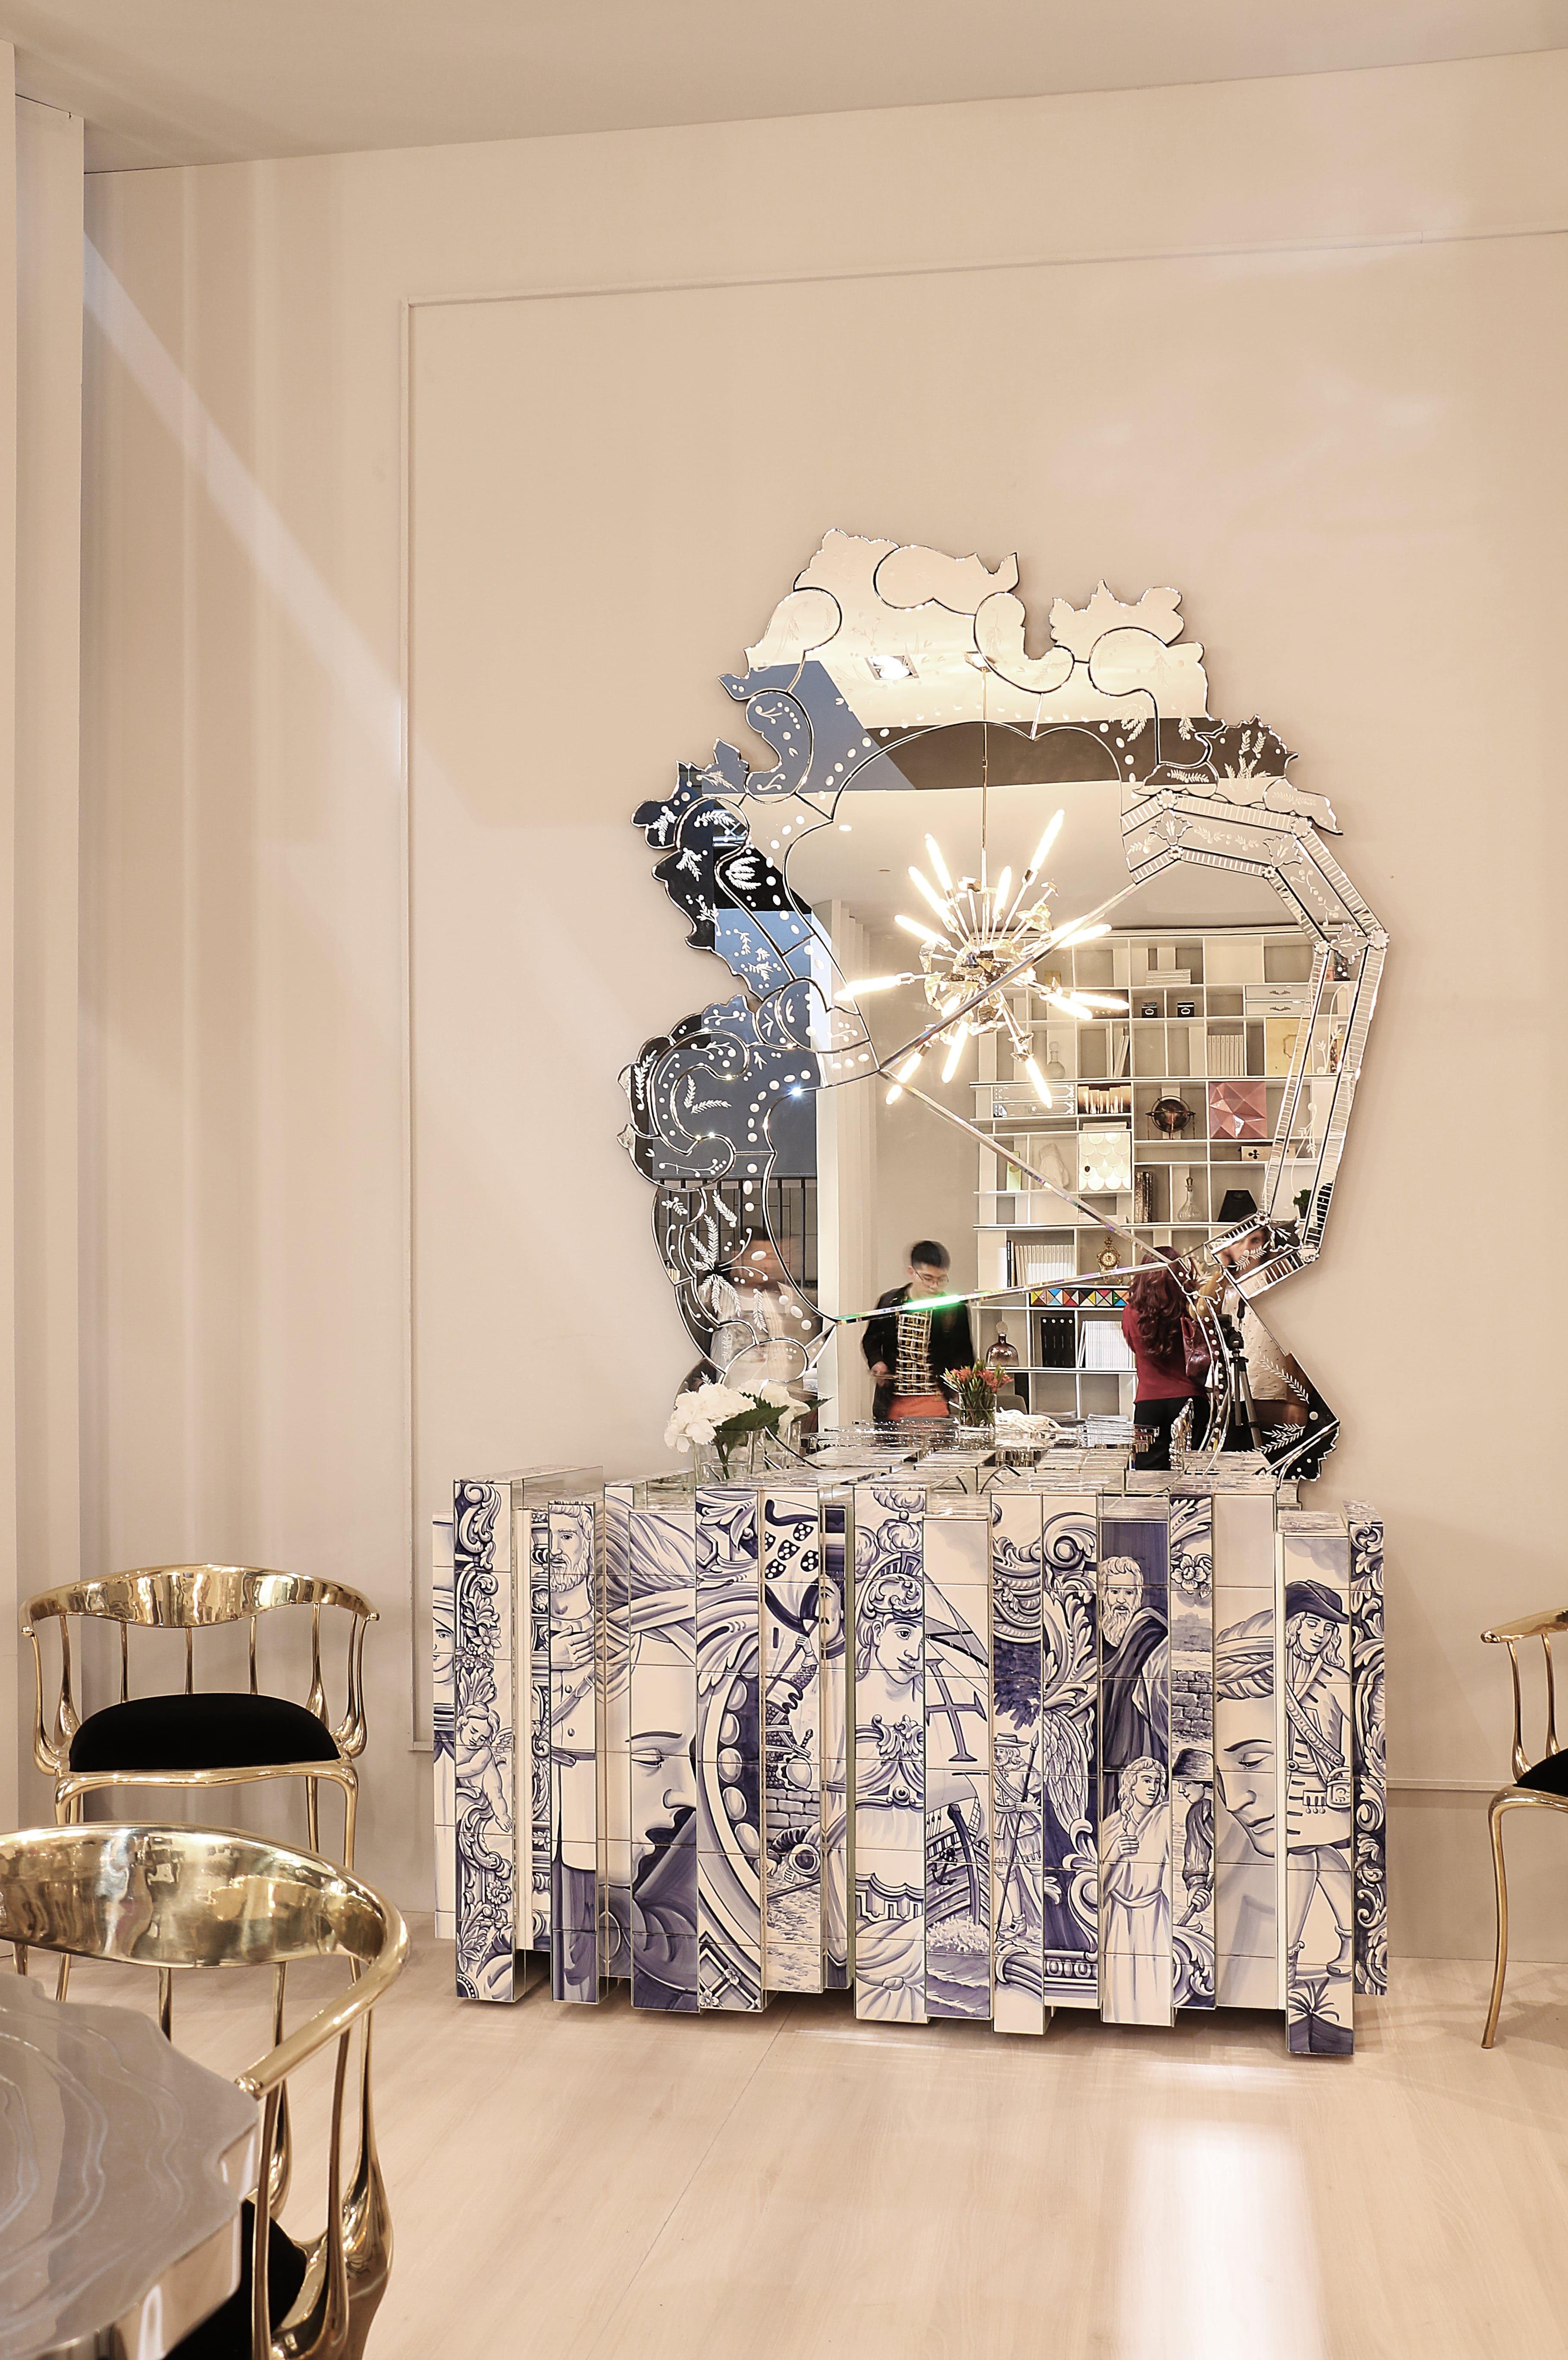 The Best Mirror Designs at Salone Del Mobile salone del mobile 2017 The Best Mirror Designs at Salone Del Mobile 2017 Best Wall Mirrors at Salone del Mobile Milano 2017 11 min